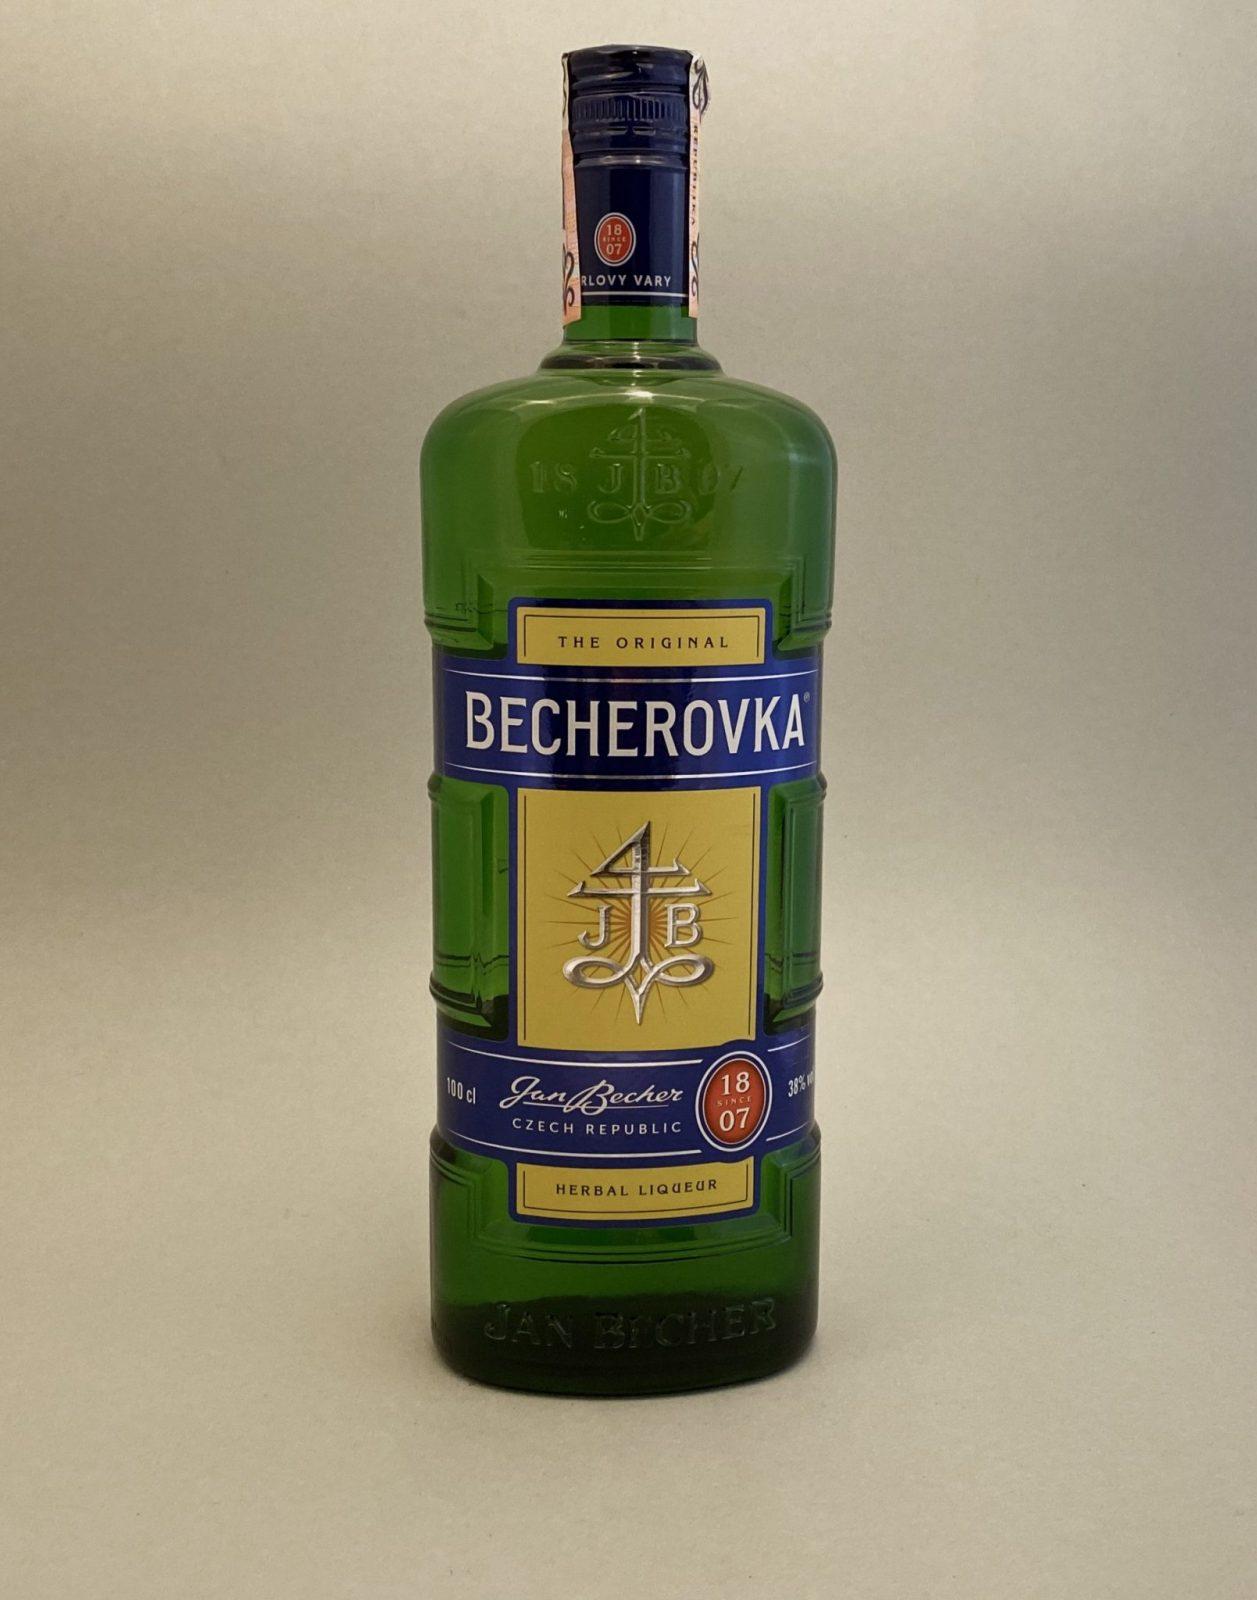 Becherovka 38%, Bottleshop Sunny wines slnecnice mesto, petrzalka, likér, rozvoz alkoholu, eshop